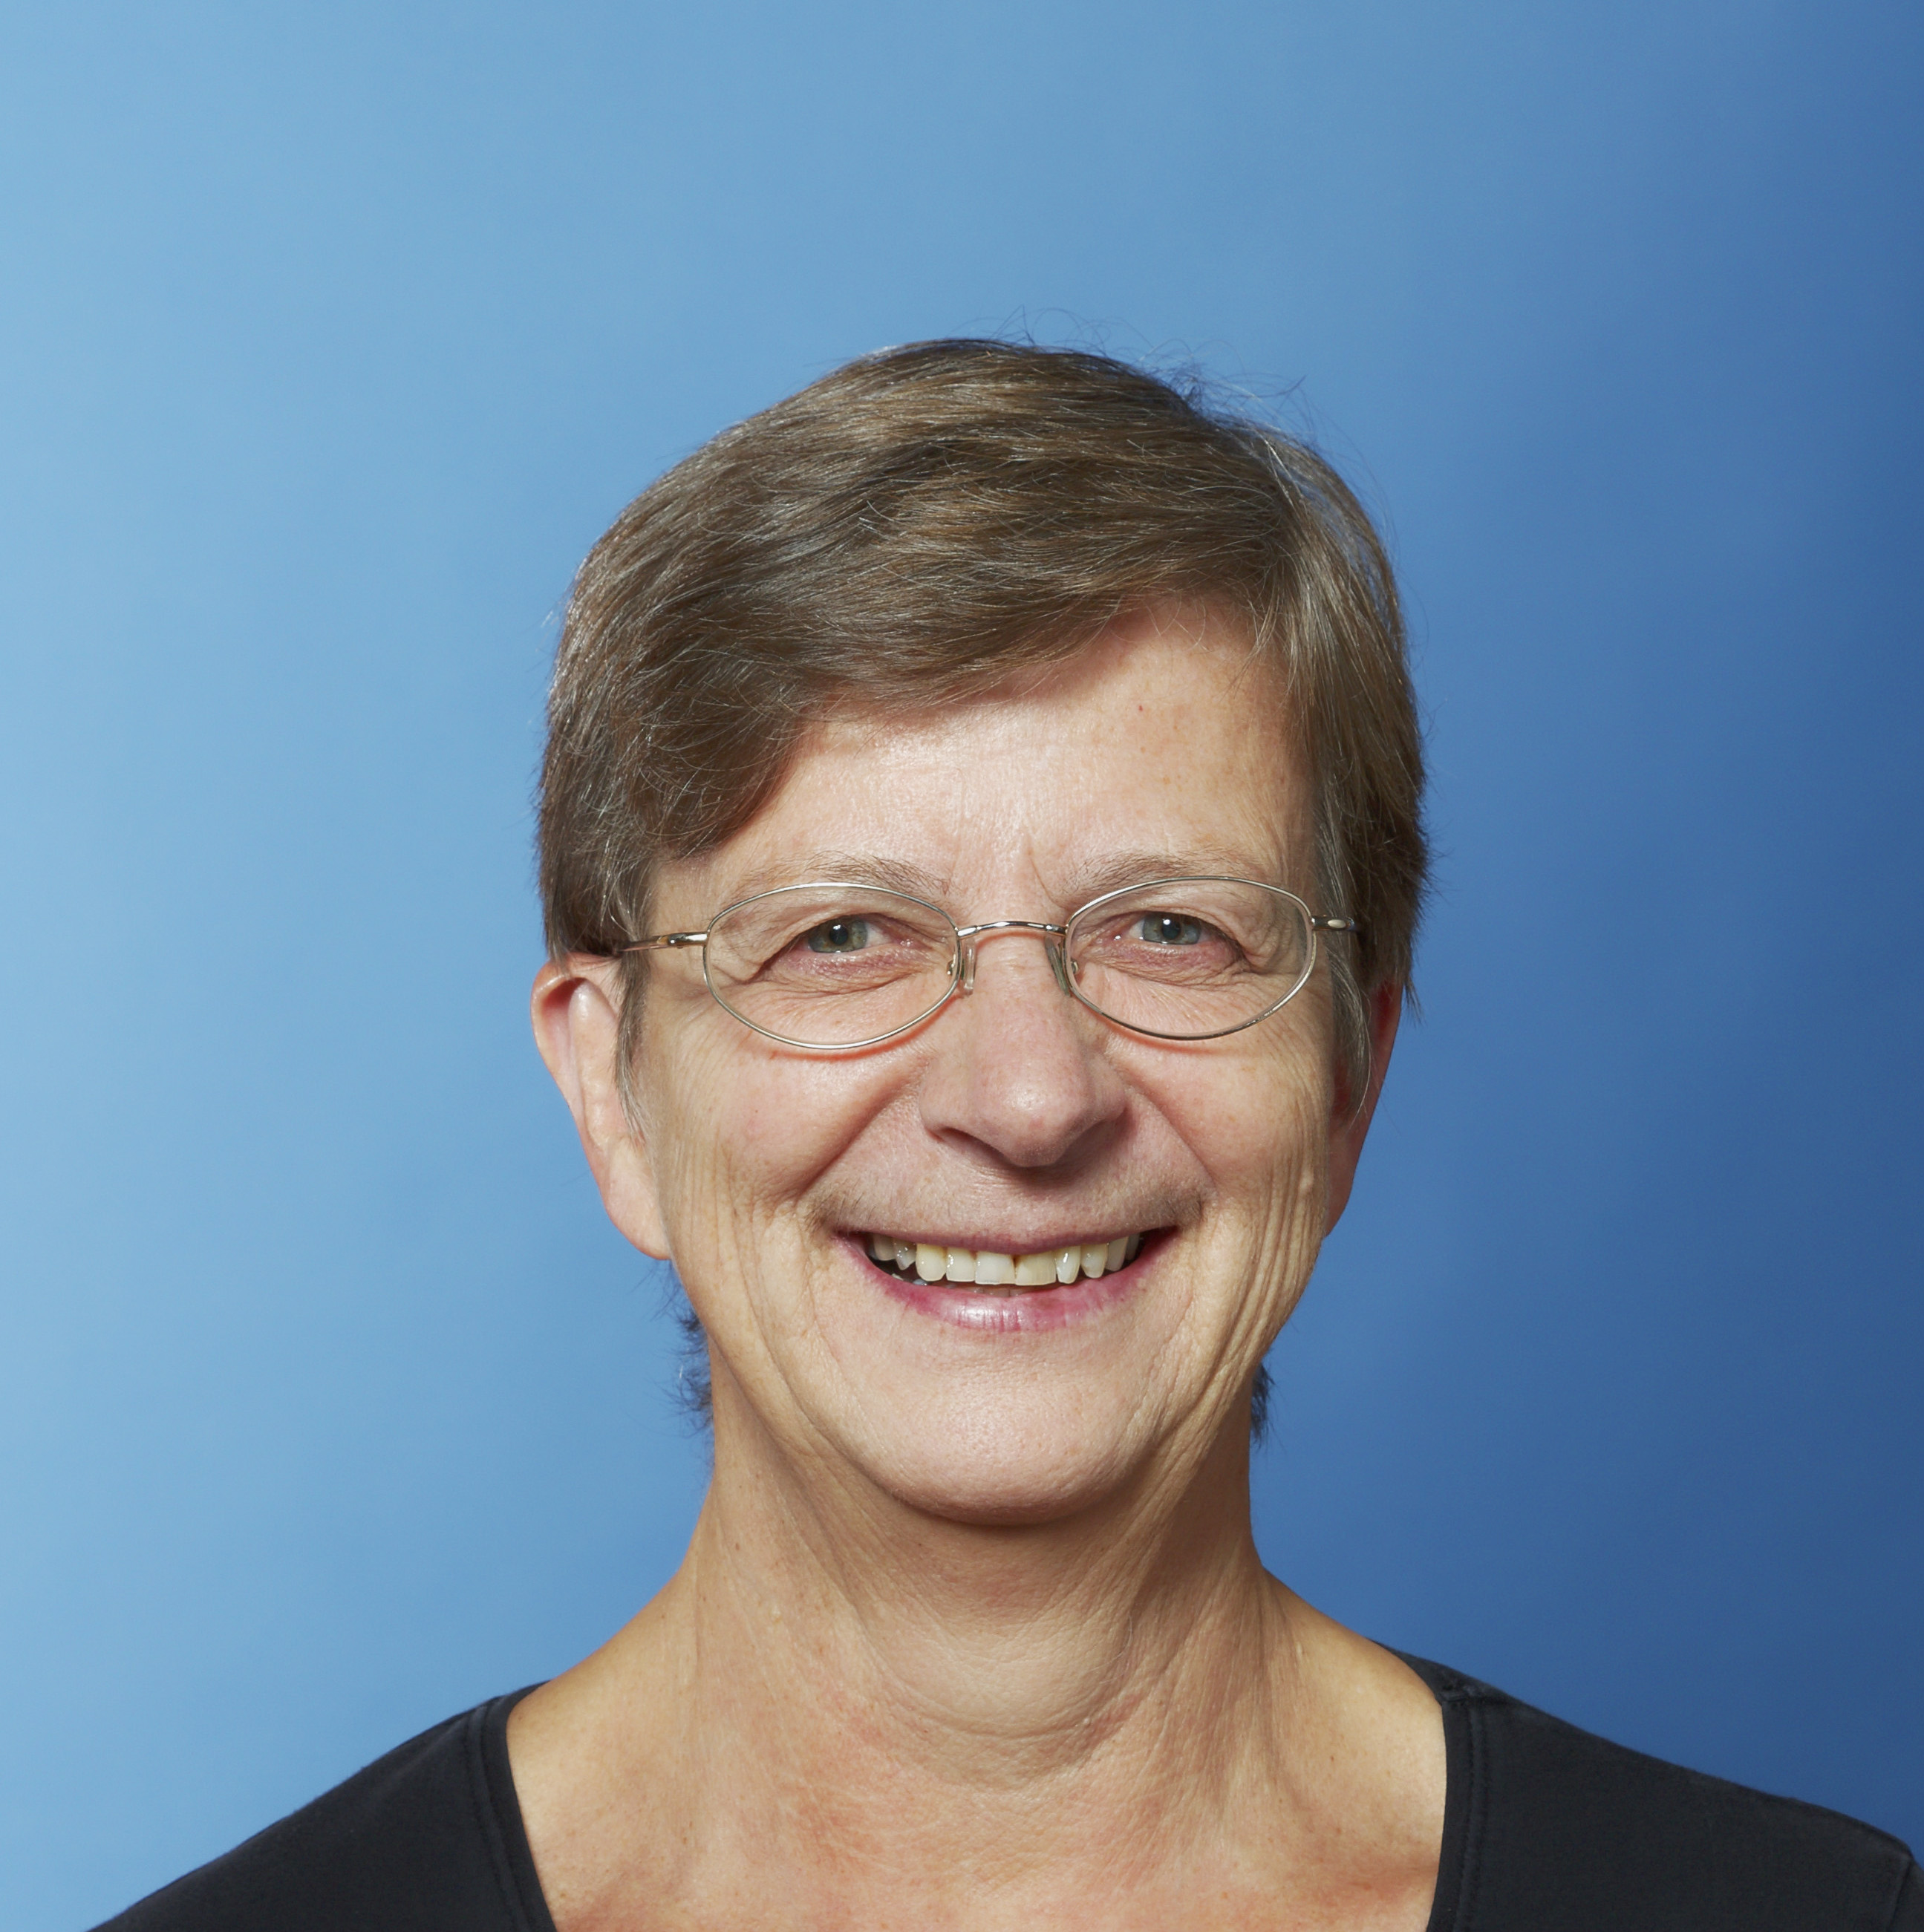 Regula Meschberger war bereits SP-Präsidentin von 2005 bis 2008. Jetzt übernimmt sie erneut – mit Adil Koller an ihrer Seite.